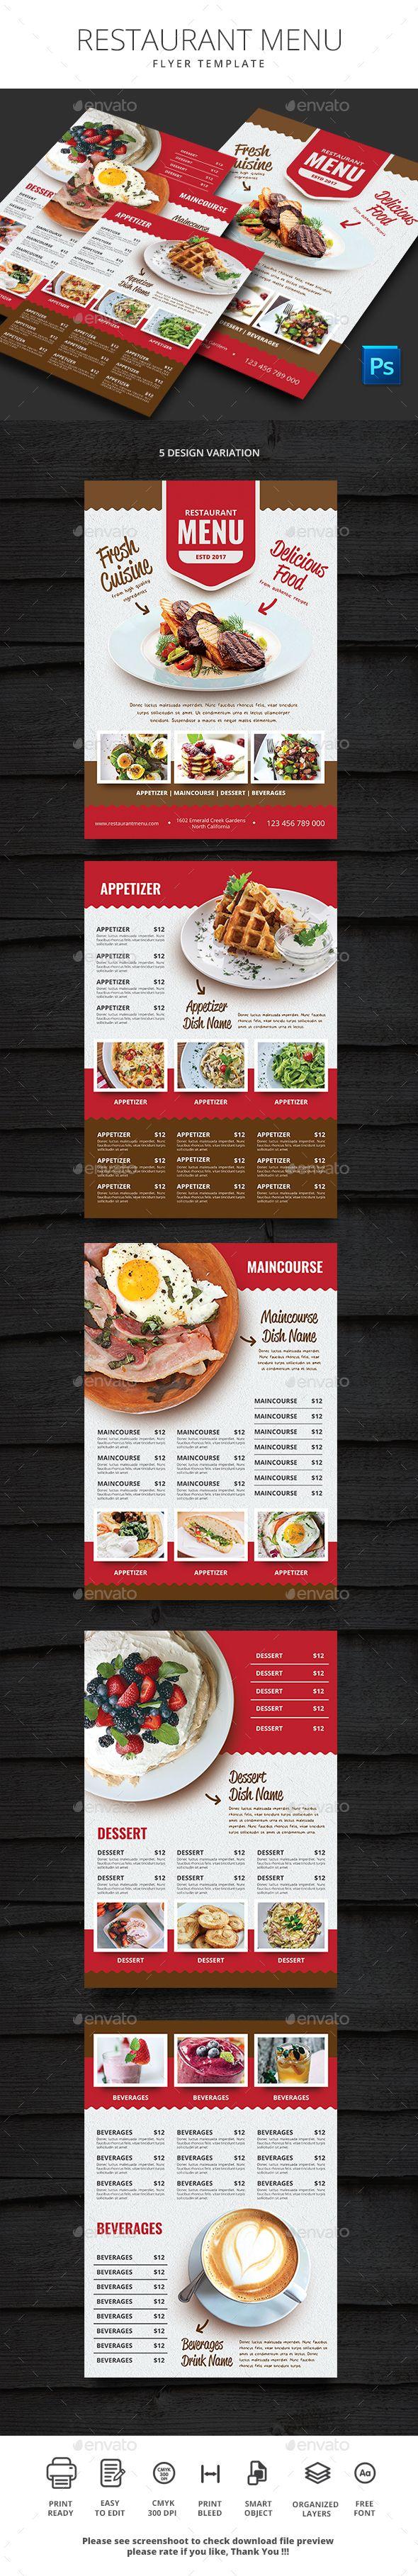 1701 best branding images on pinterest packaging cookie packaging